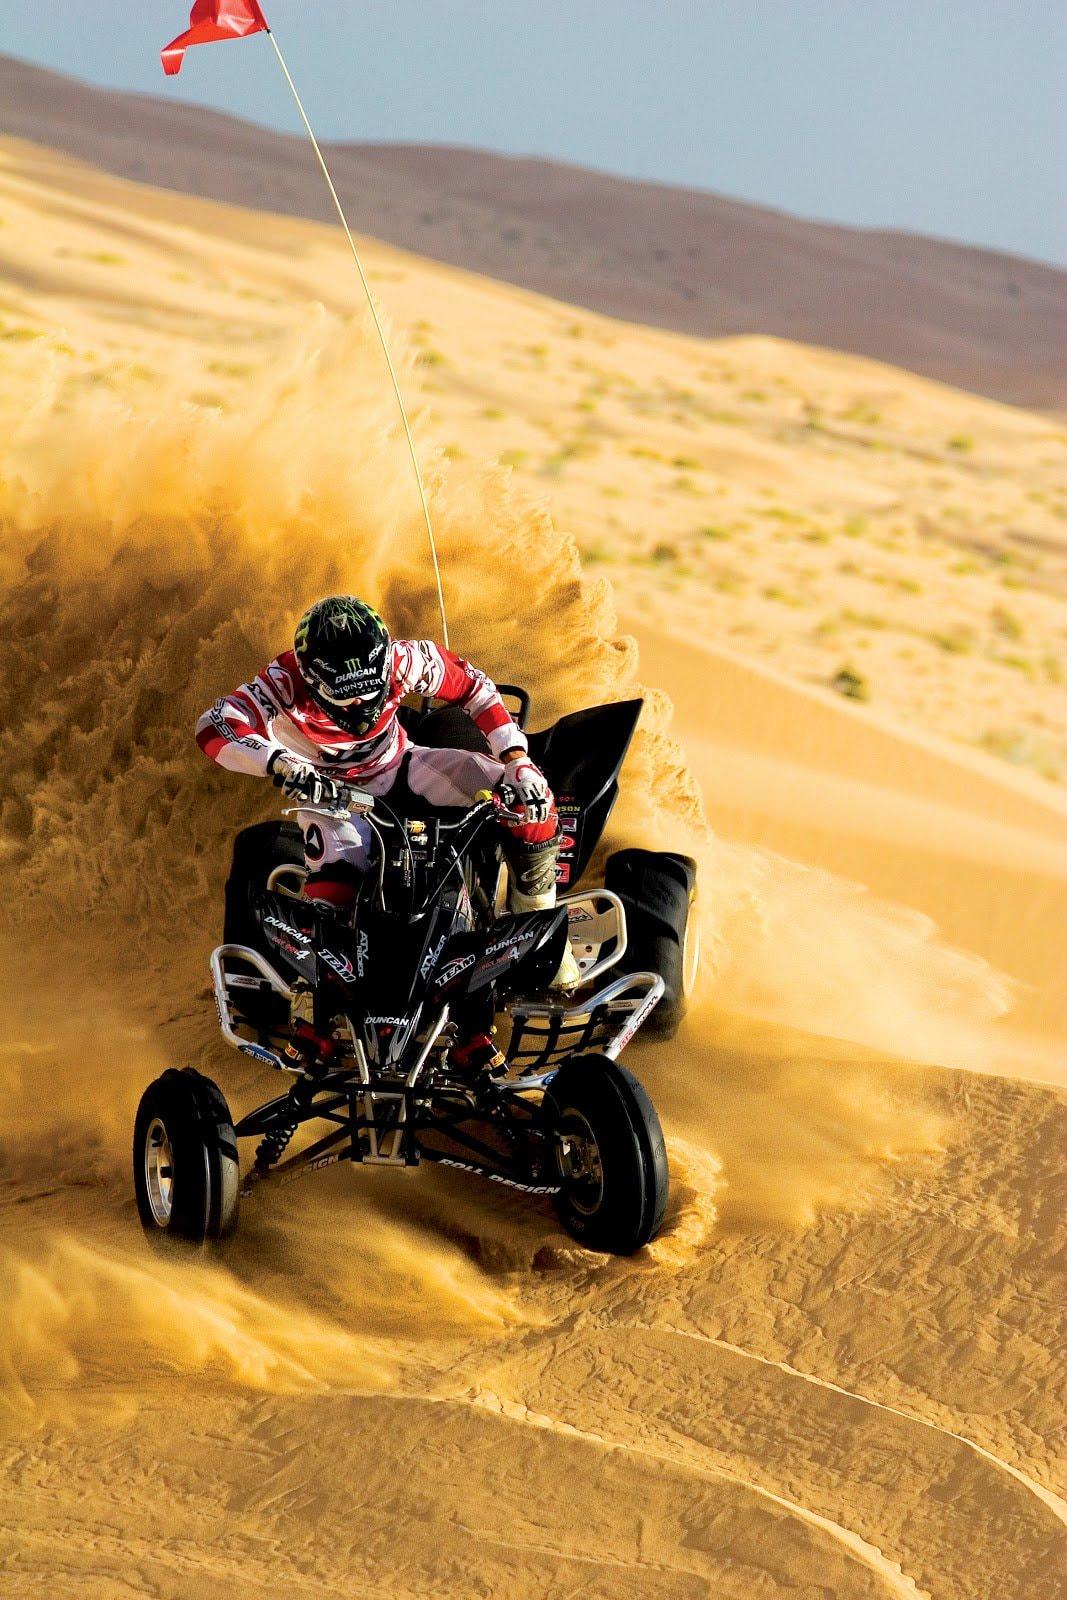 Dirt bike rider action shot by Joe Neric